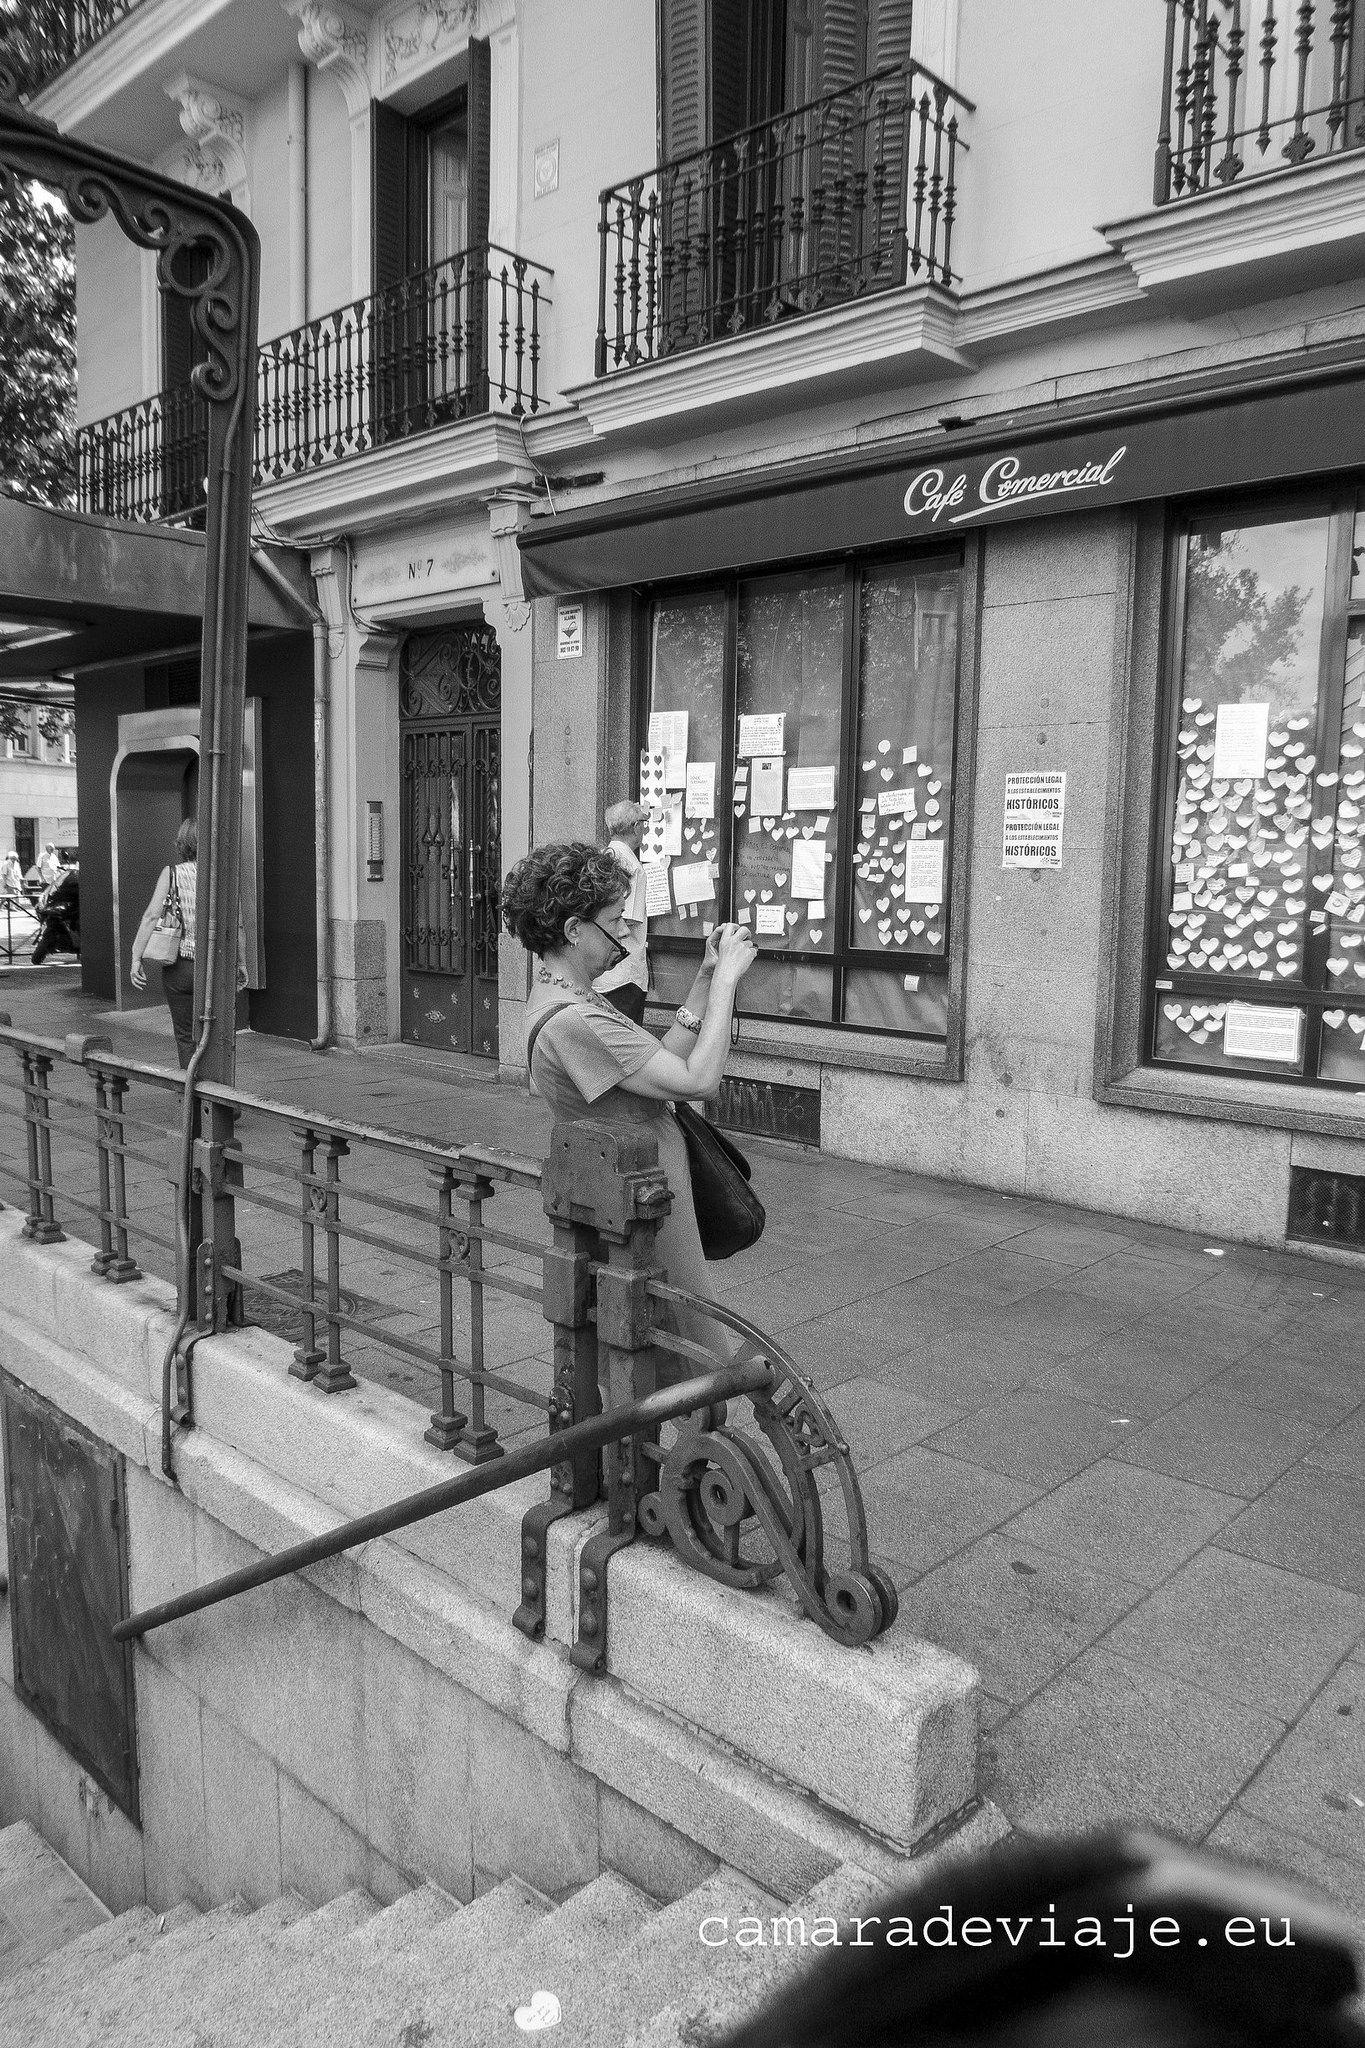 https://flic.kr/p/C2HNWp | El Comercial  (48) | El Café Comercial fue un café ubicado en el centro de Madrid (España), en la glorieta de Bilbao. Se trata de uno de los más antiguos de la capital, fundado el 21 de marzo de 1887 (época de la Restauración en España). Lugar de tertulias literarias en el periodo de posguerra. Fue uno de los primeros cafés en emplear camareras. El café cerró el 27 de julio de 2015. Si quieres ver el reportaje completo…